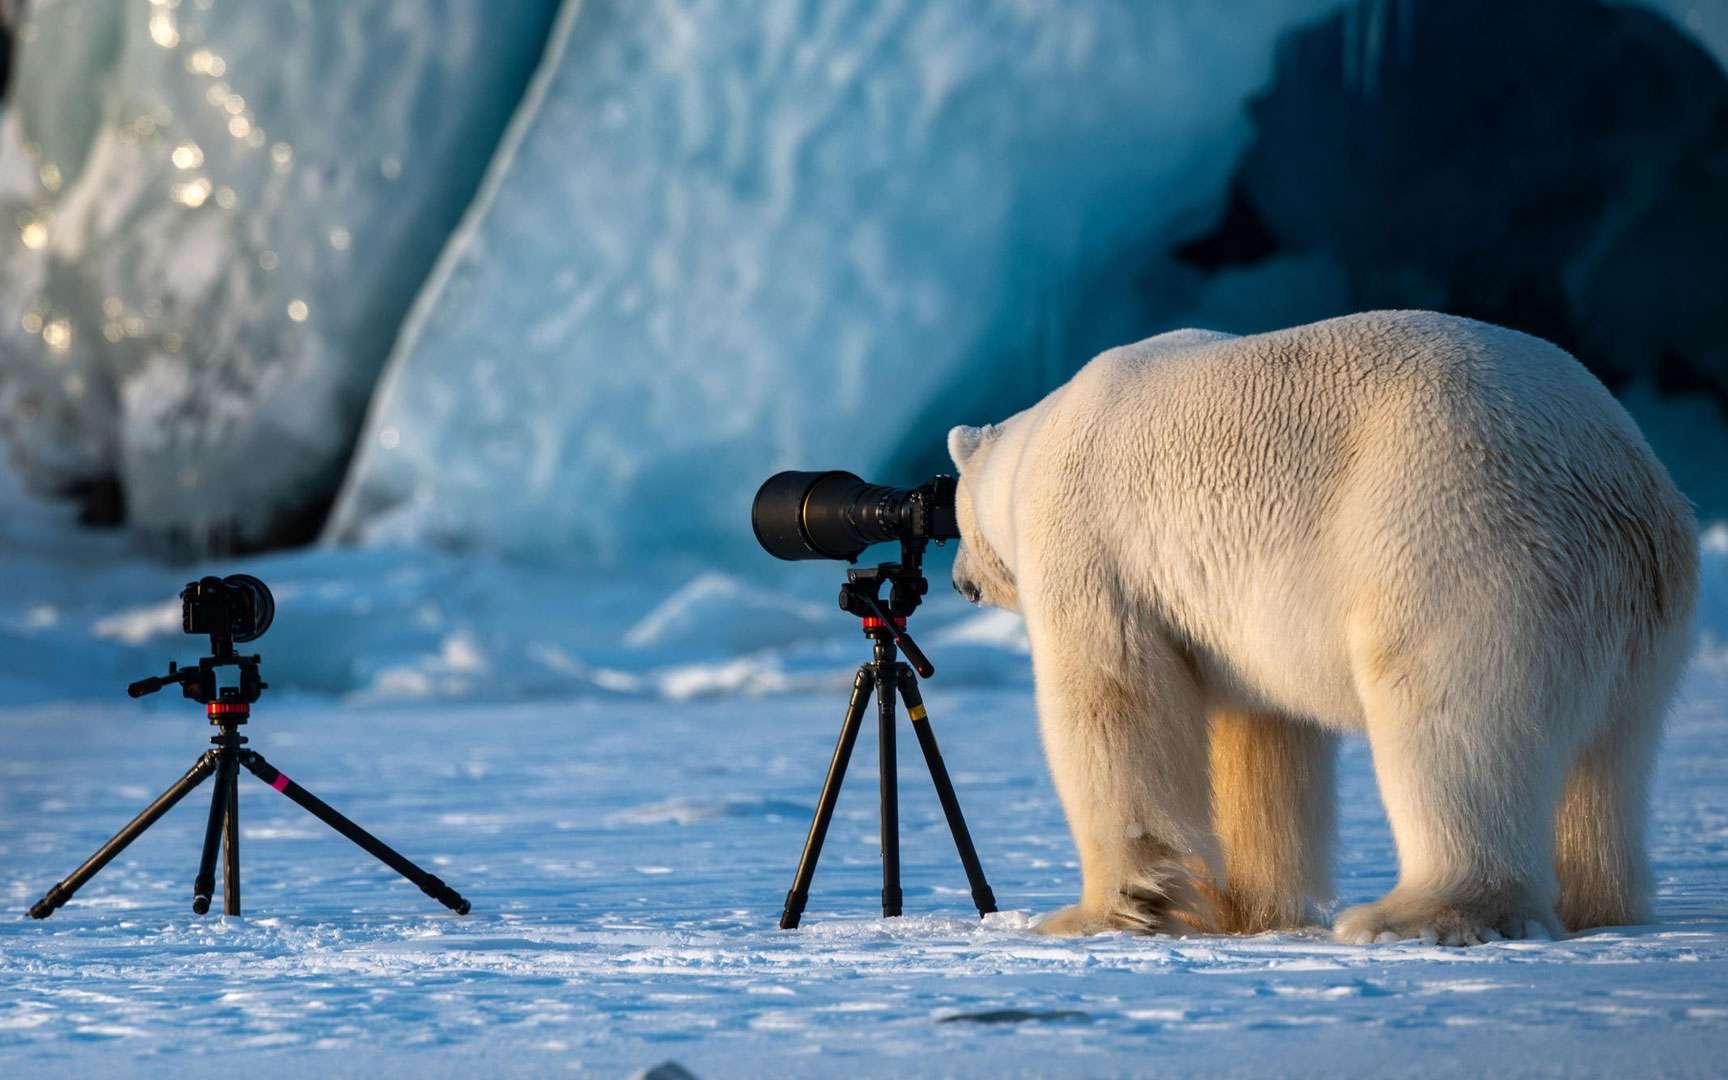 Scène très inattendue que celle d'un ours photographe. La perte de la banquise causée par le réchauffement climatique est la plus importante menace pesant sur l'ours polaire. Cet Ursus maritimus en profite pour la photographier et pour garder un souvenir du manteau blanc dont dépend sa survie.© Roie Galitz, The Comedy Wildlife Photography Awards 2018. Tous droits réservés